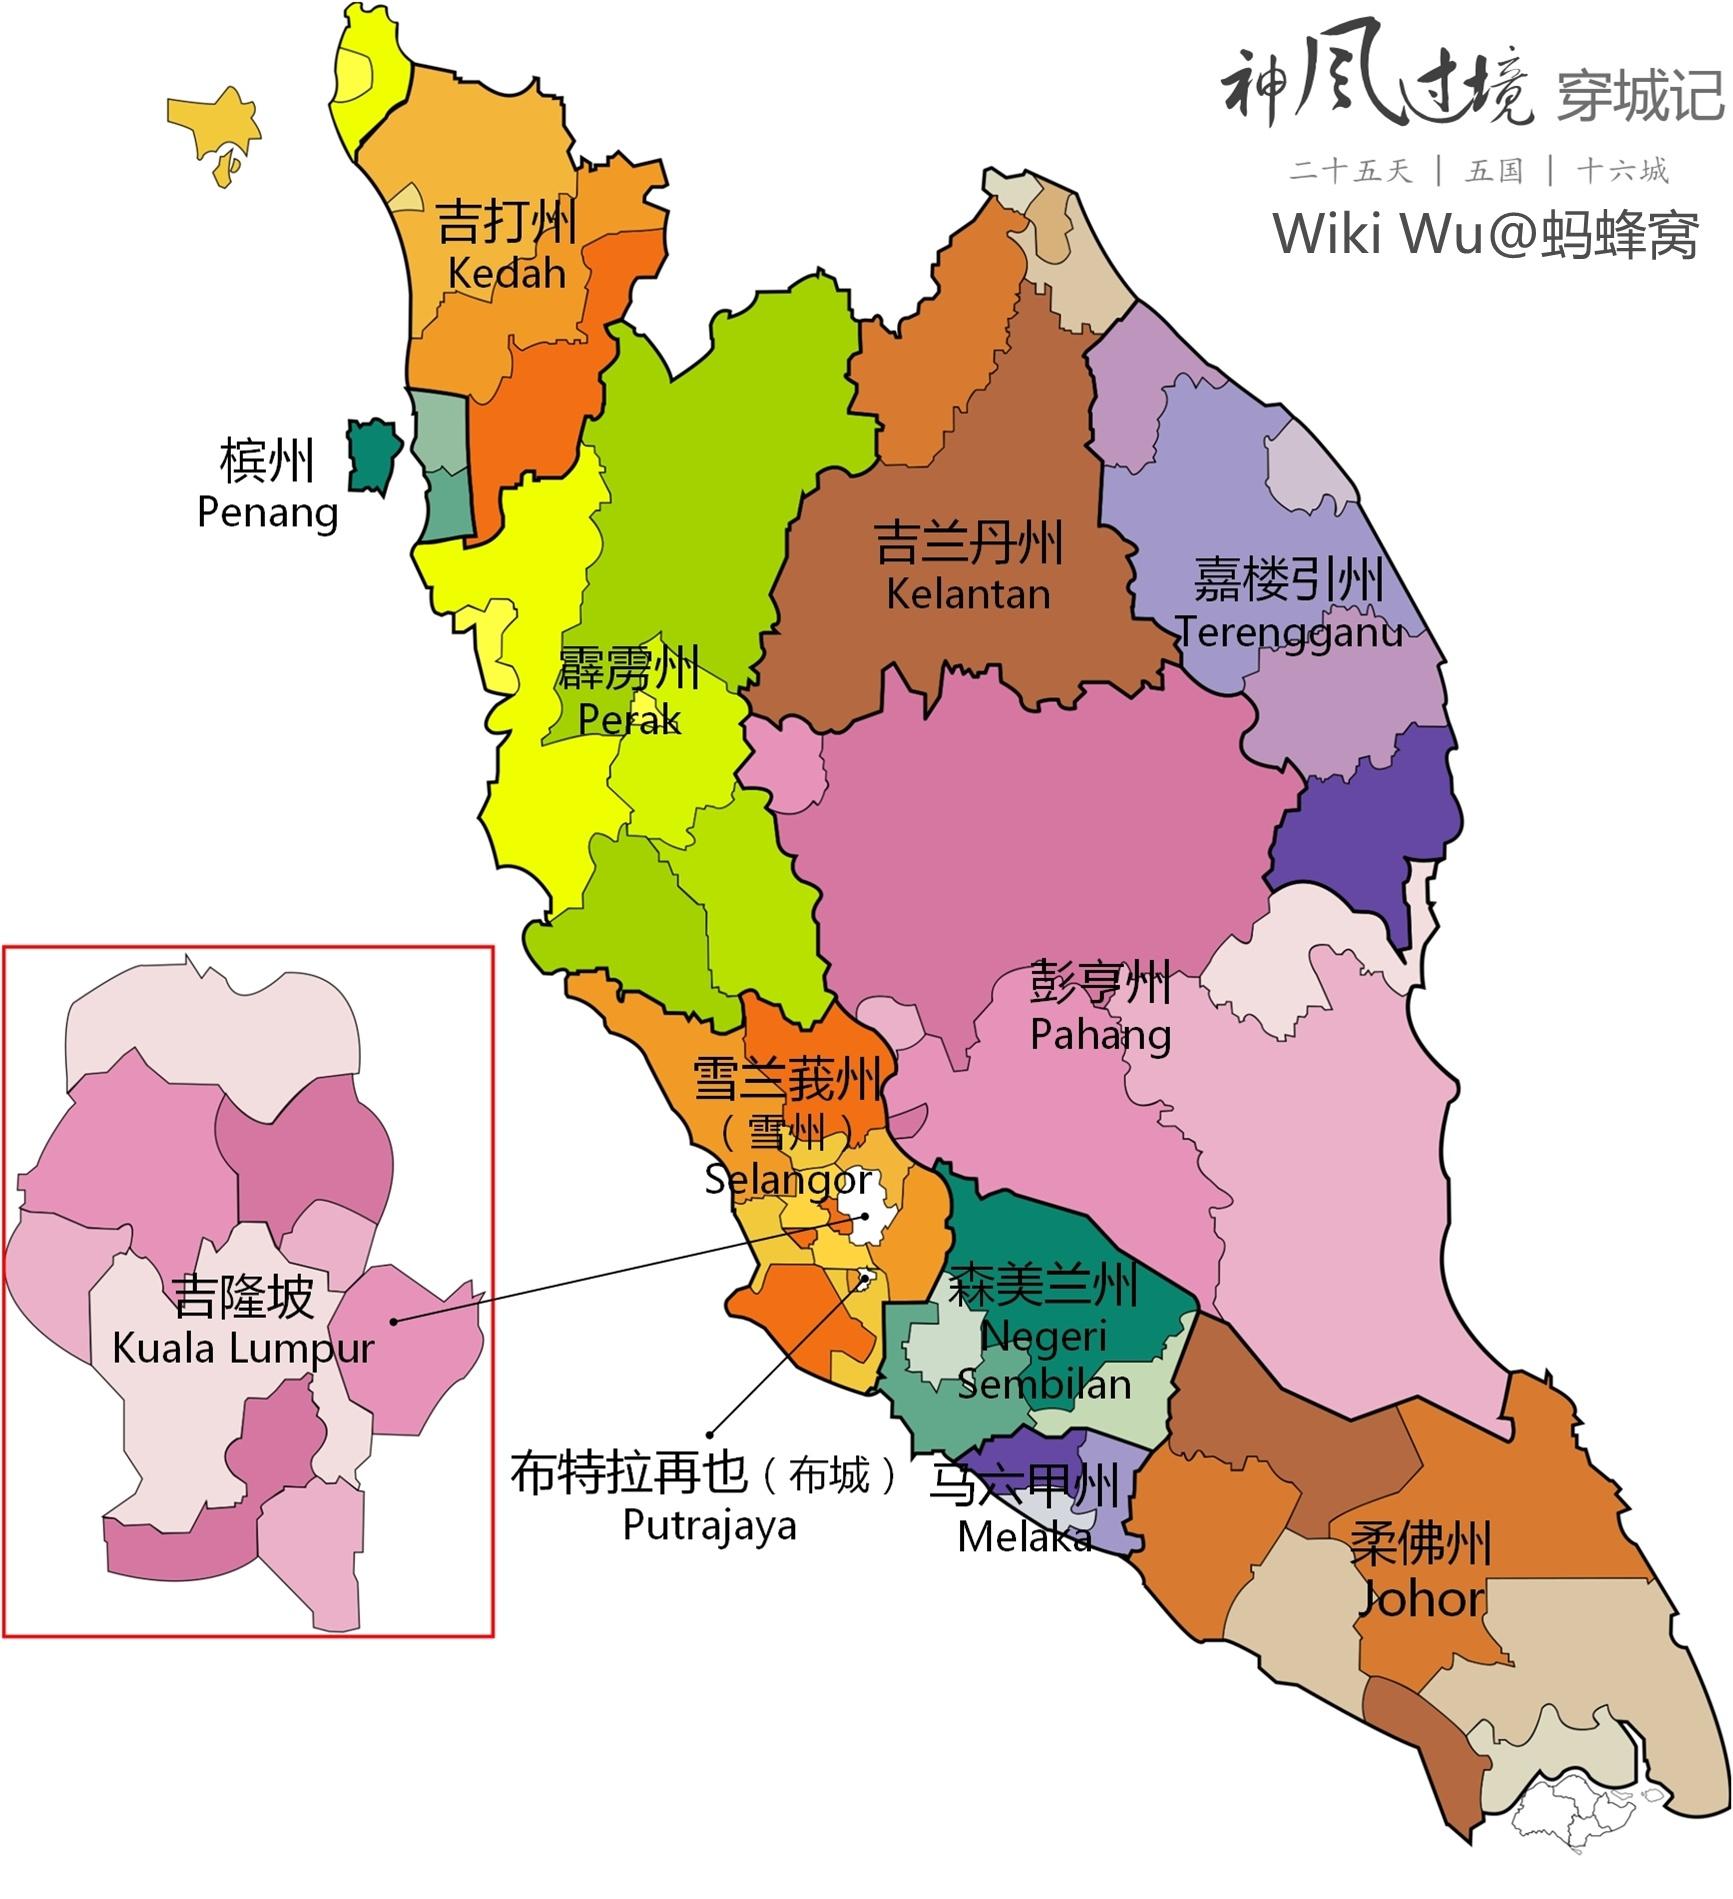 槟城游览路线和景点地图 5,蚂蜂窝马来西亚,吉隆坡,槟城图片